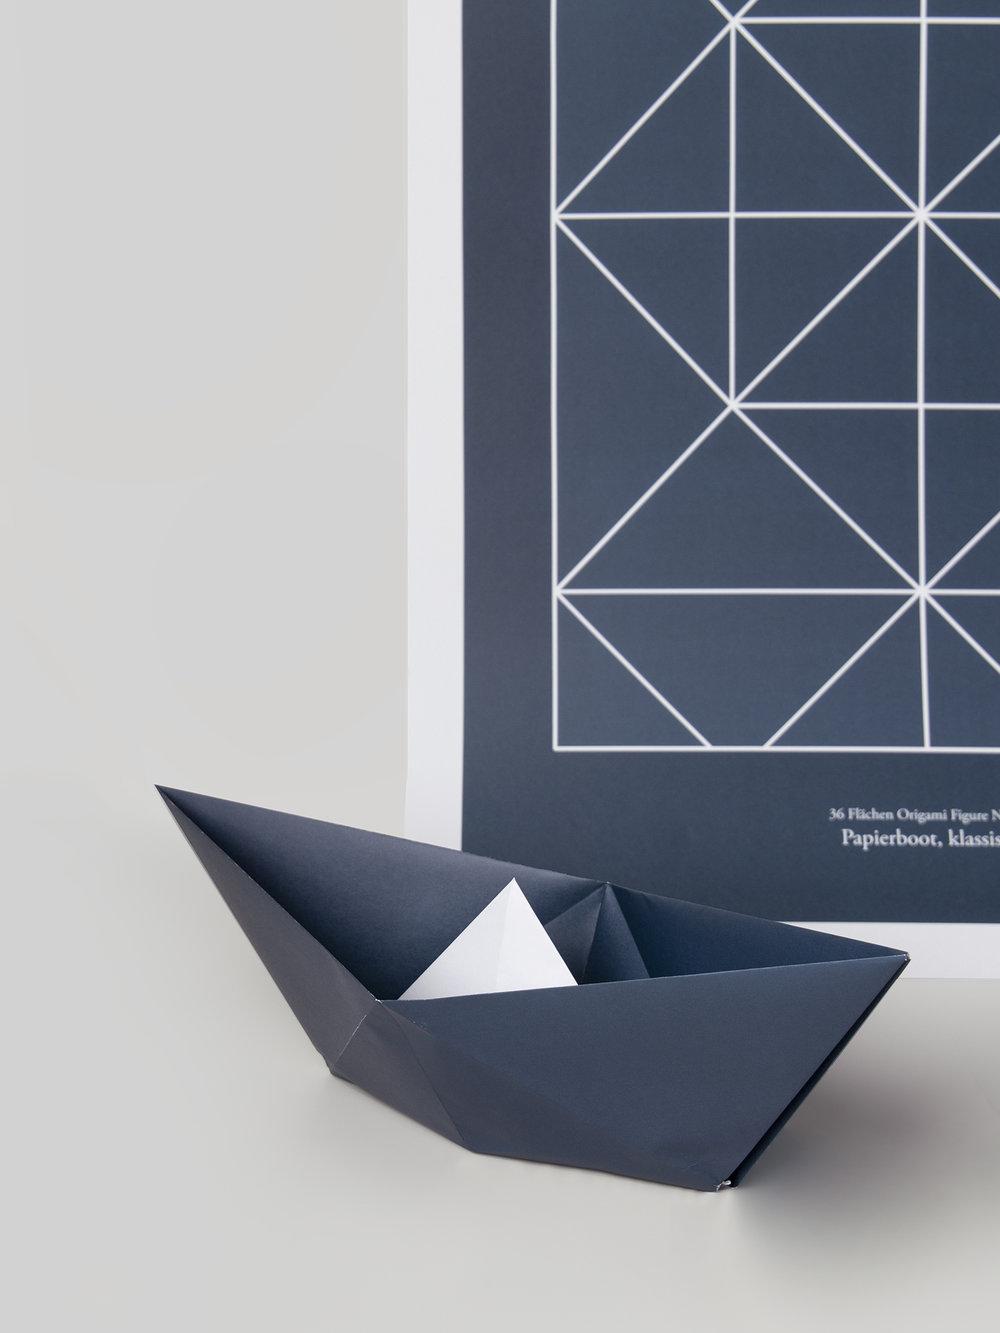 Origami Figur Papierboot mit passendem Print  Origami figure Paperboot with adequate print